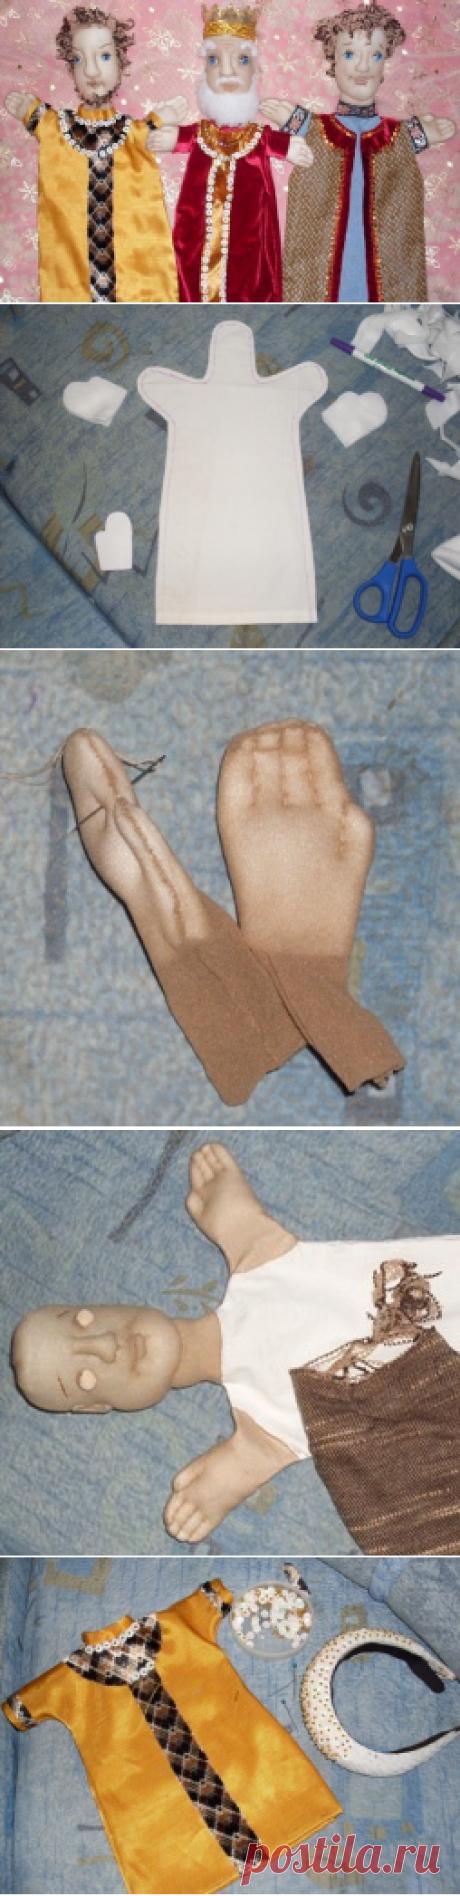 Кукла на руку, сшитая из капрона, синтепона и текстильных лоскутков.